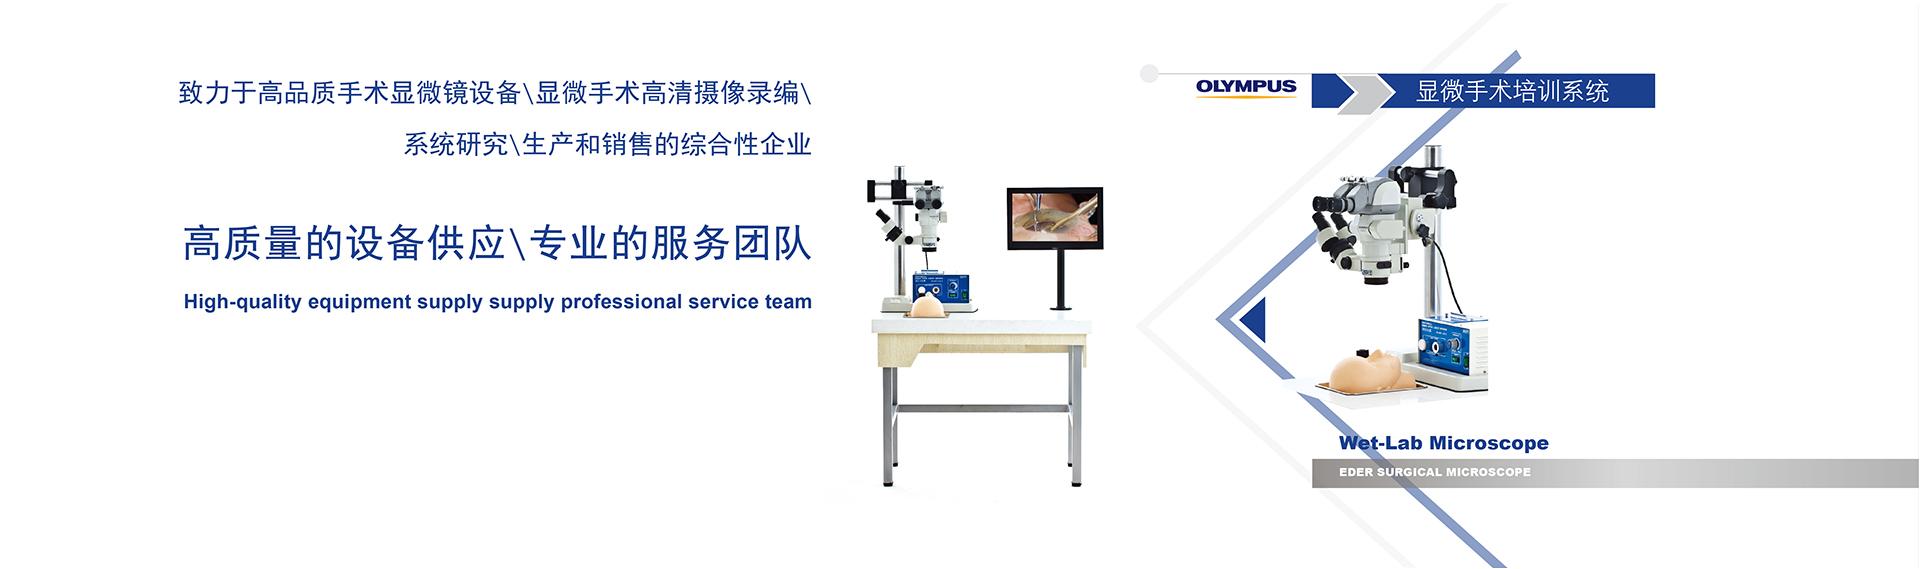 实验手术显微镜